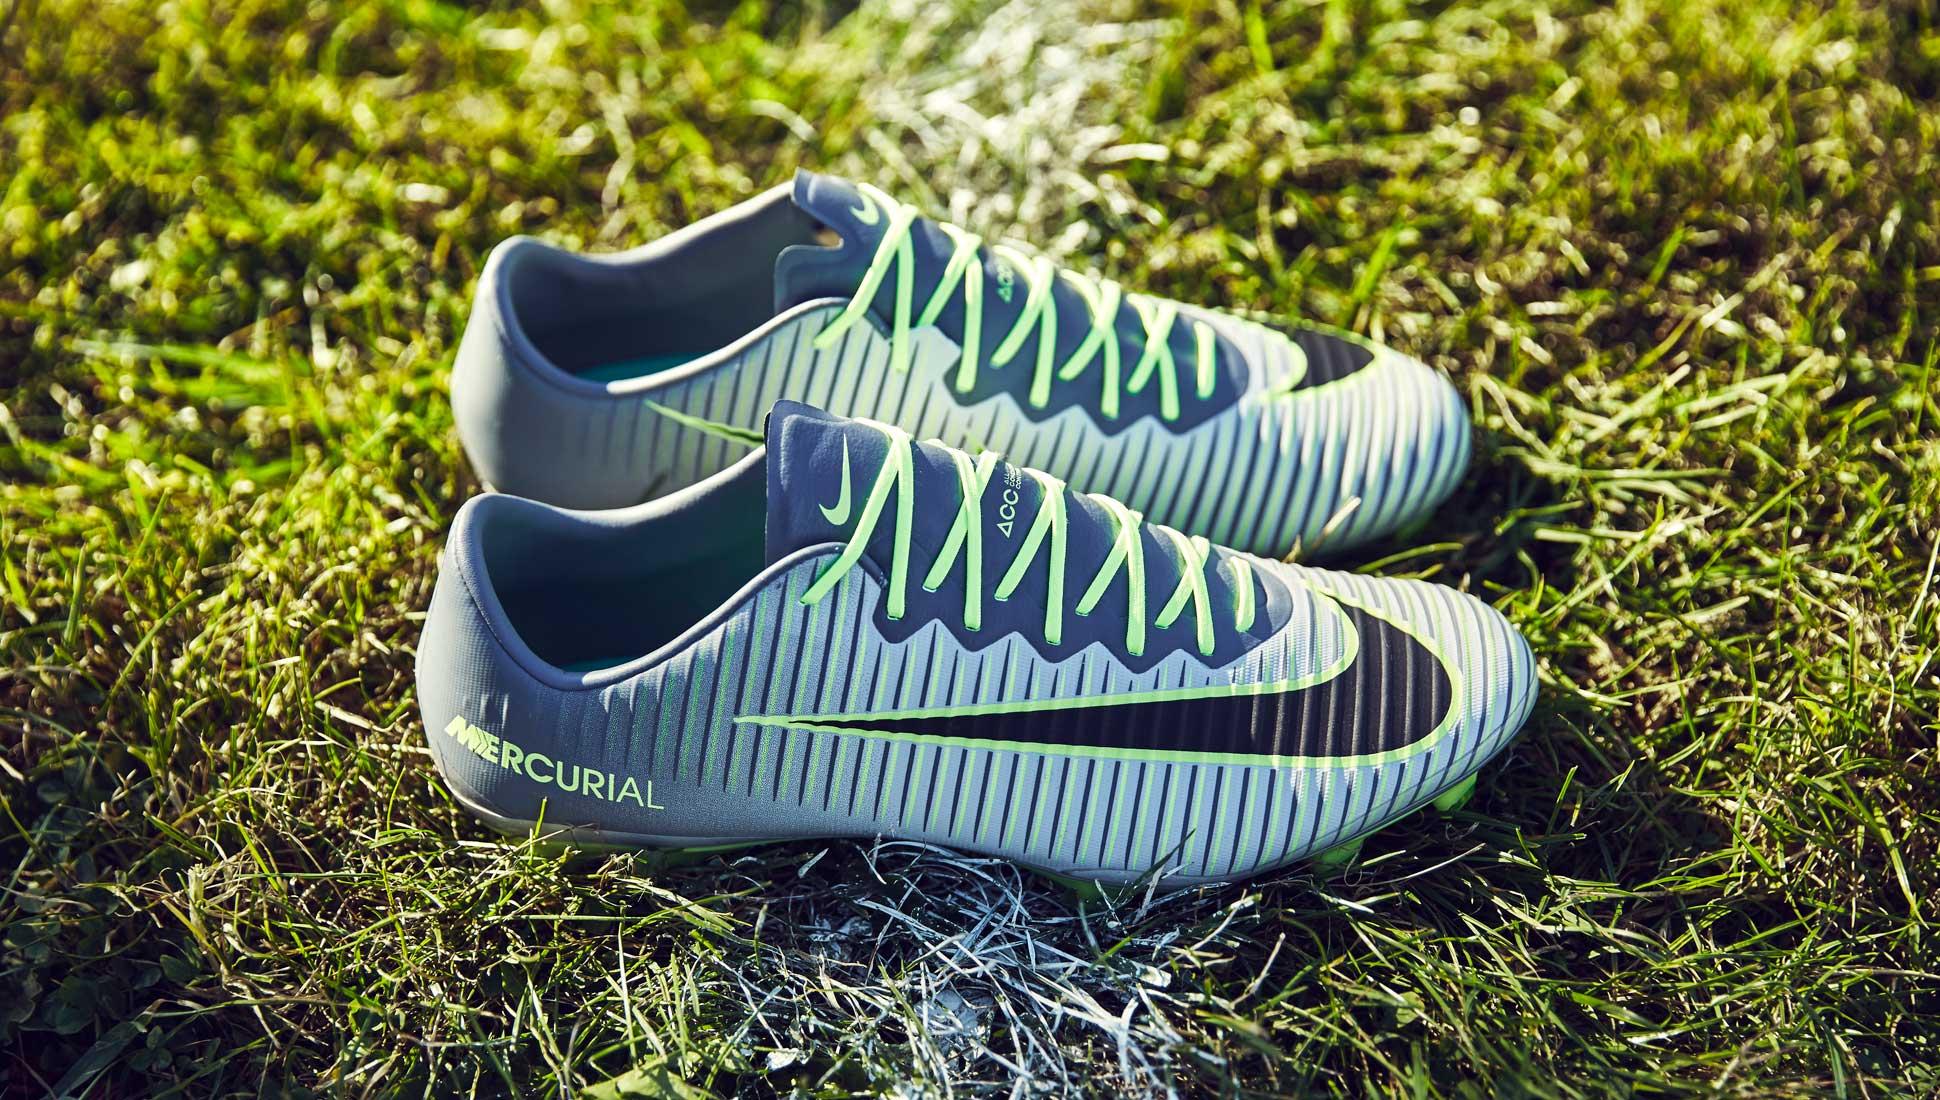 Giày Nike Mercurial Vapor 11 (XI) được ra mắt vào năm 2016